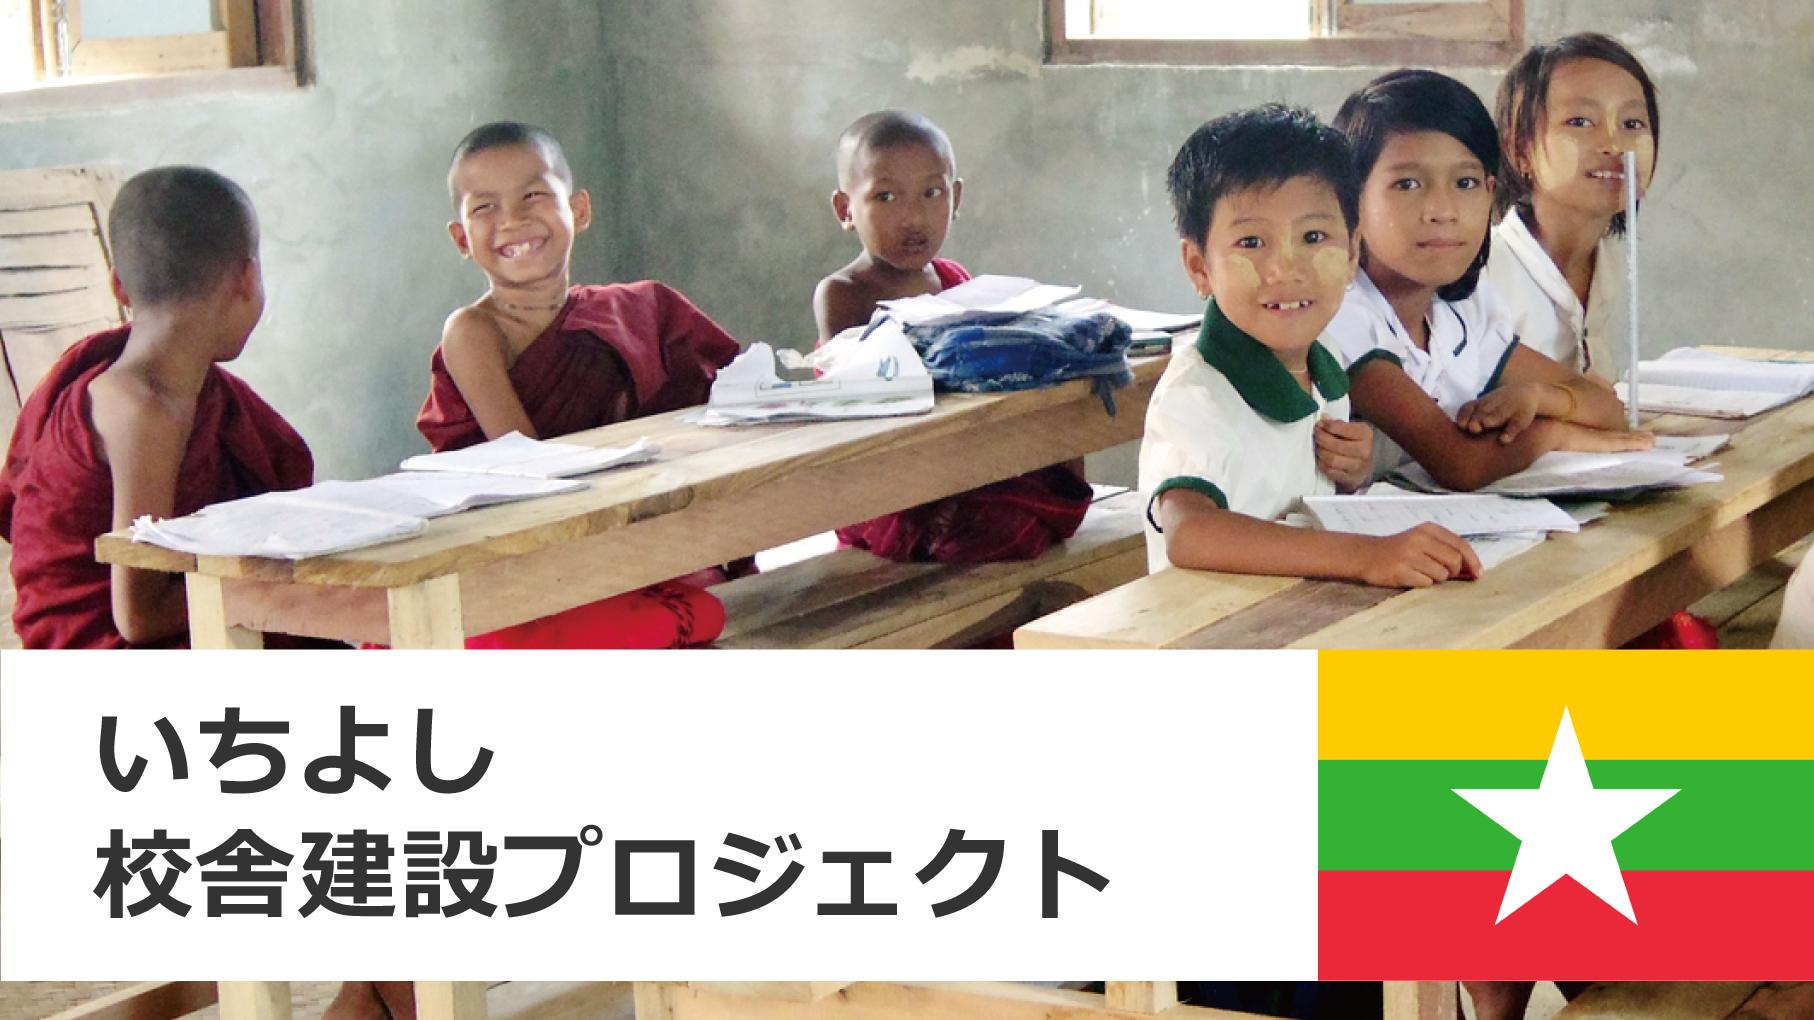 ミャンマーの子どもたちからビデオレターが届きました